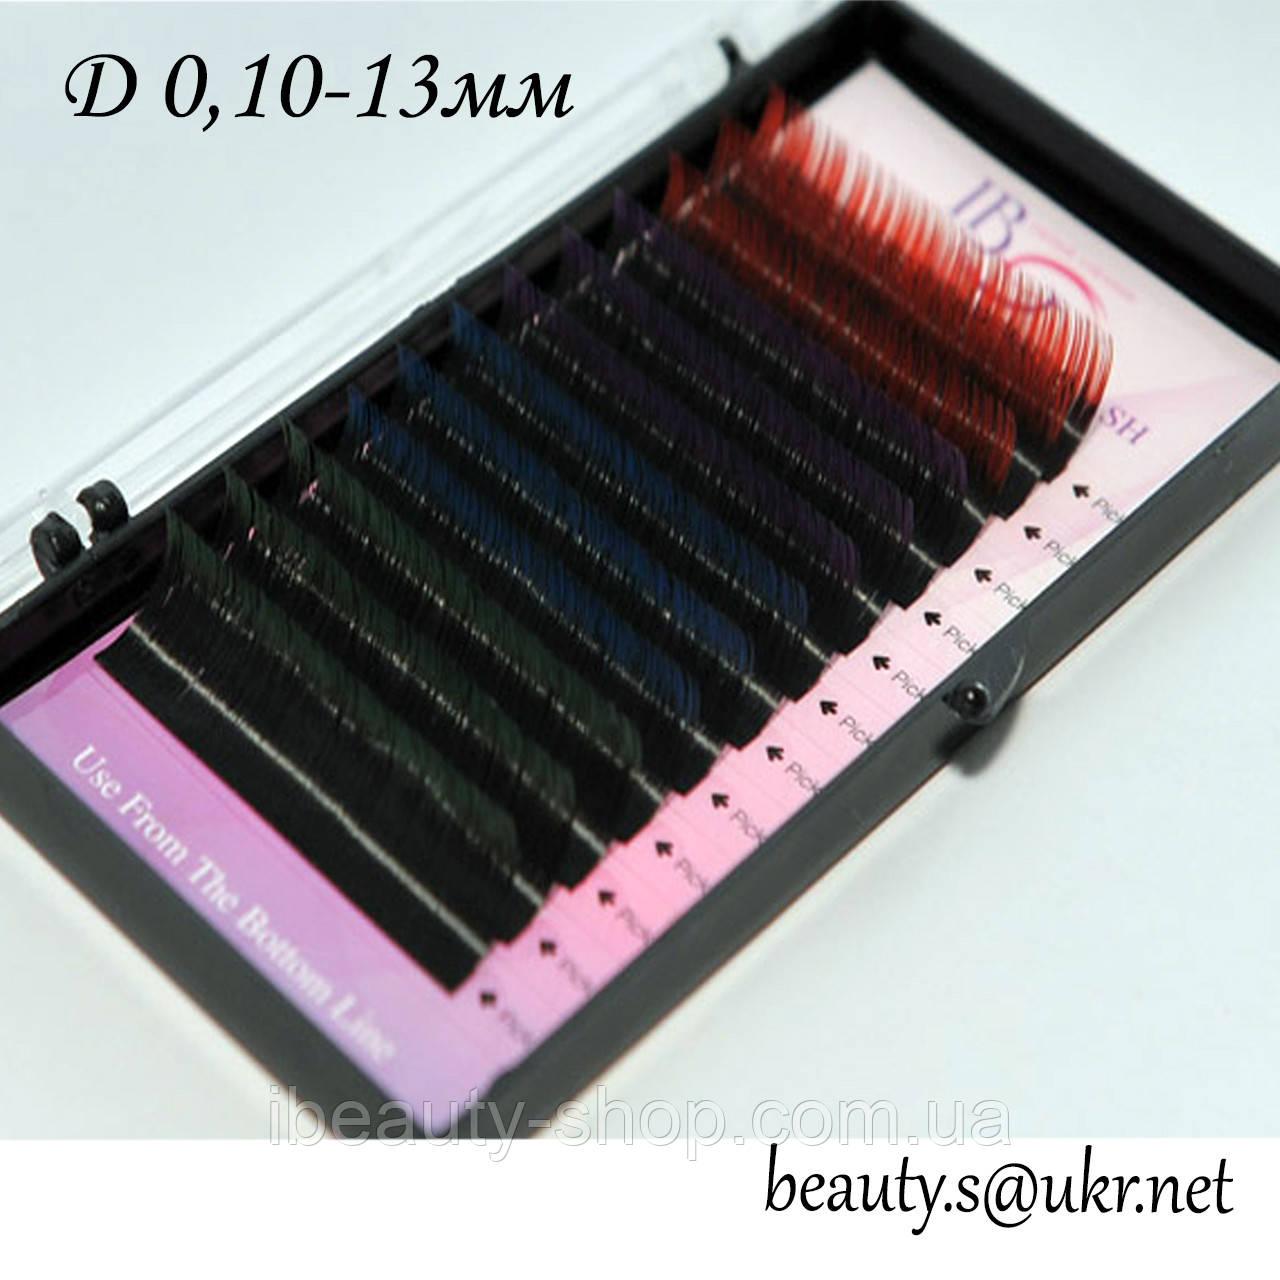 Ресницы I-Beauty, Д 0,10-13мм,цветные концы,4 цвета